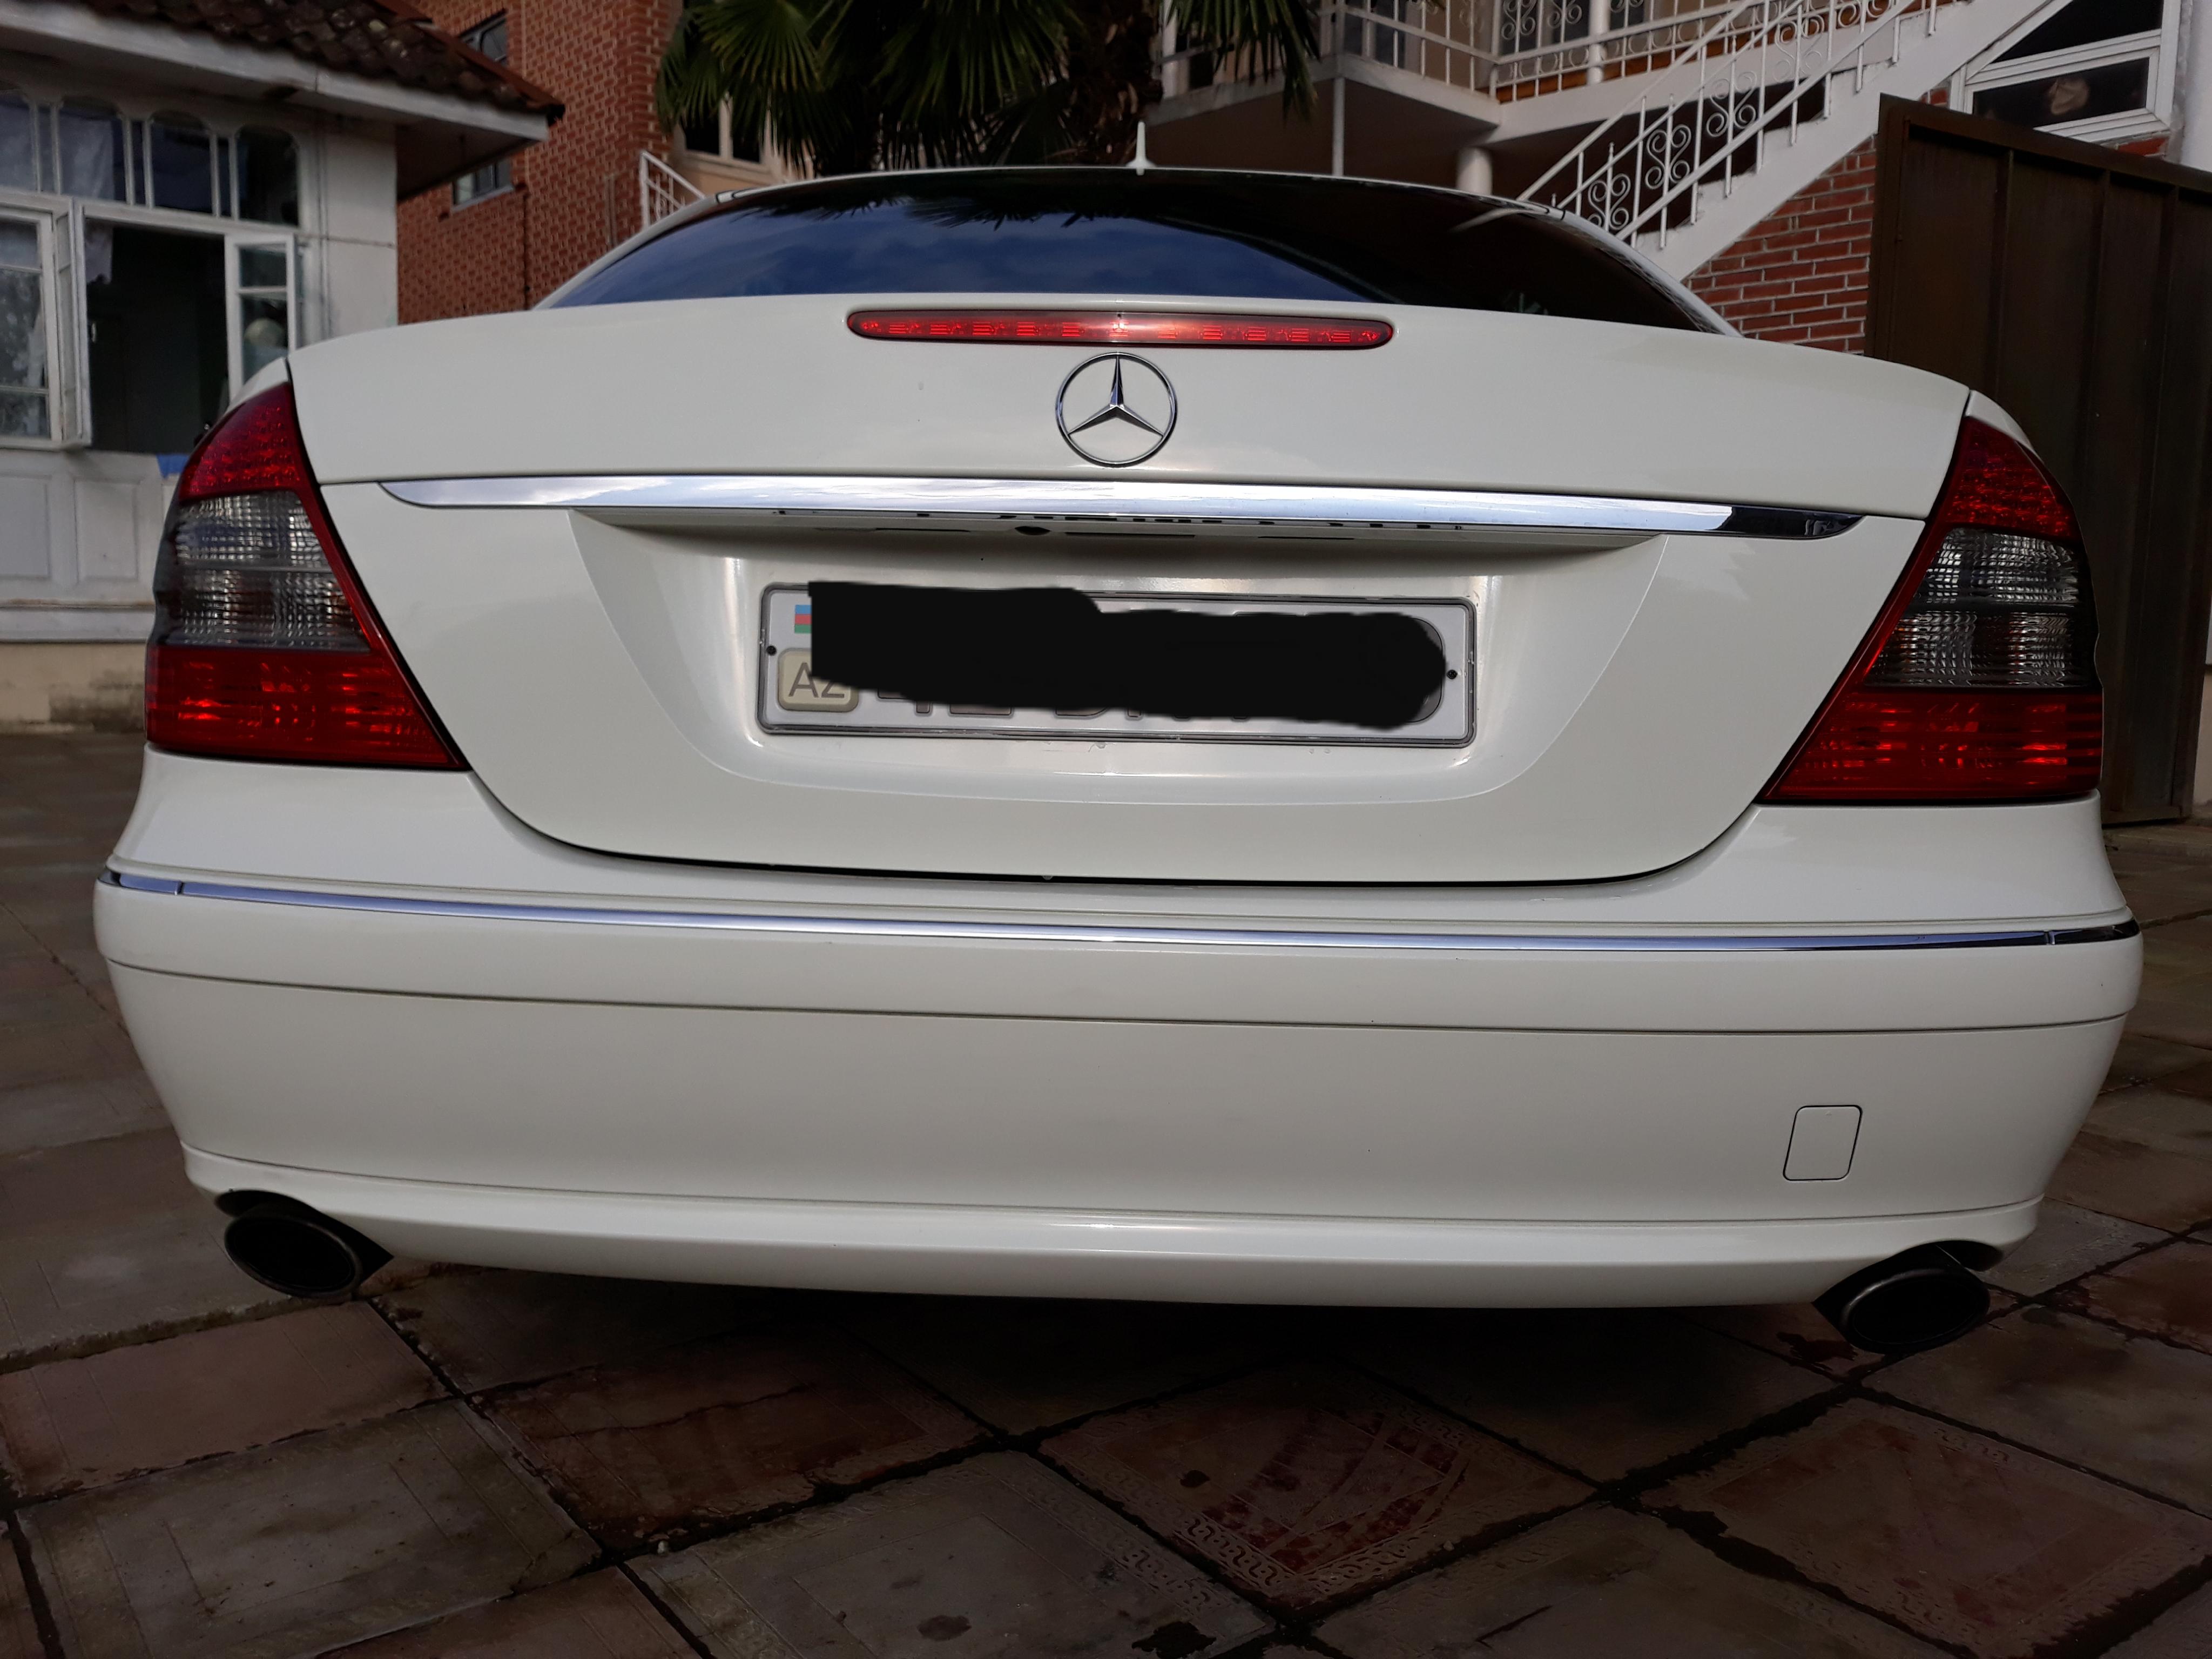 Mercedes-Benz E 280 3.0(lt) 2007 Second hand  $28500